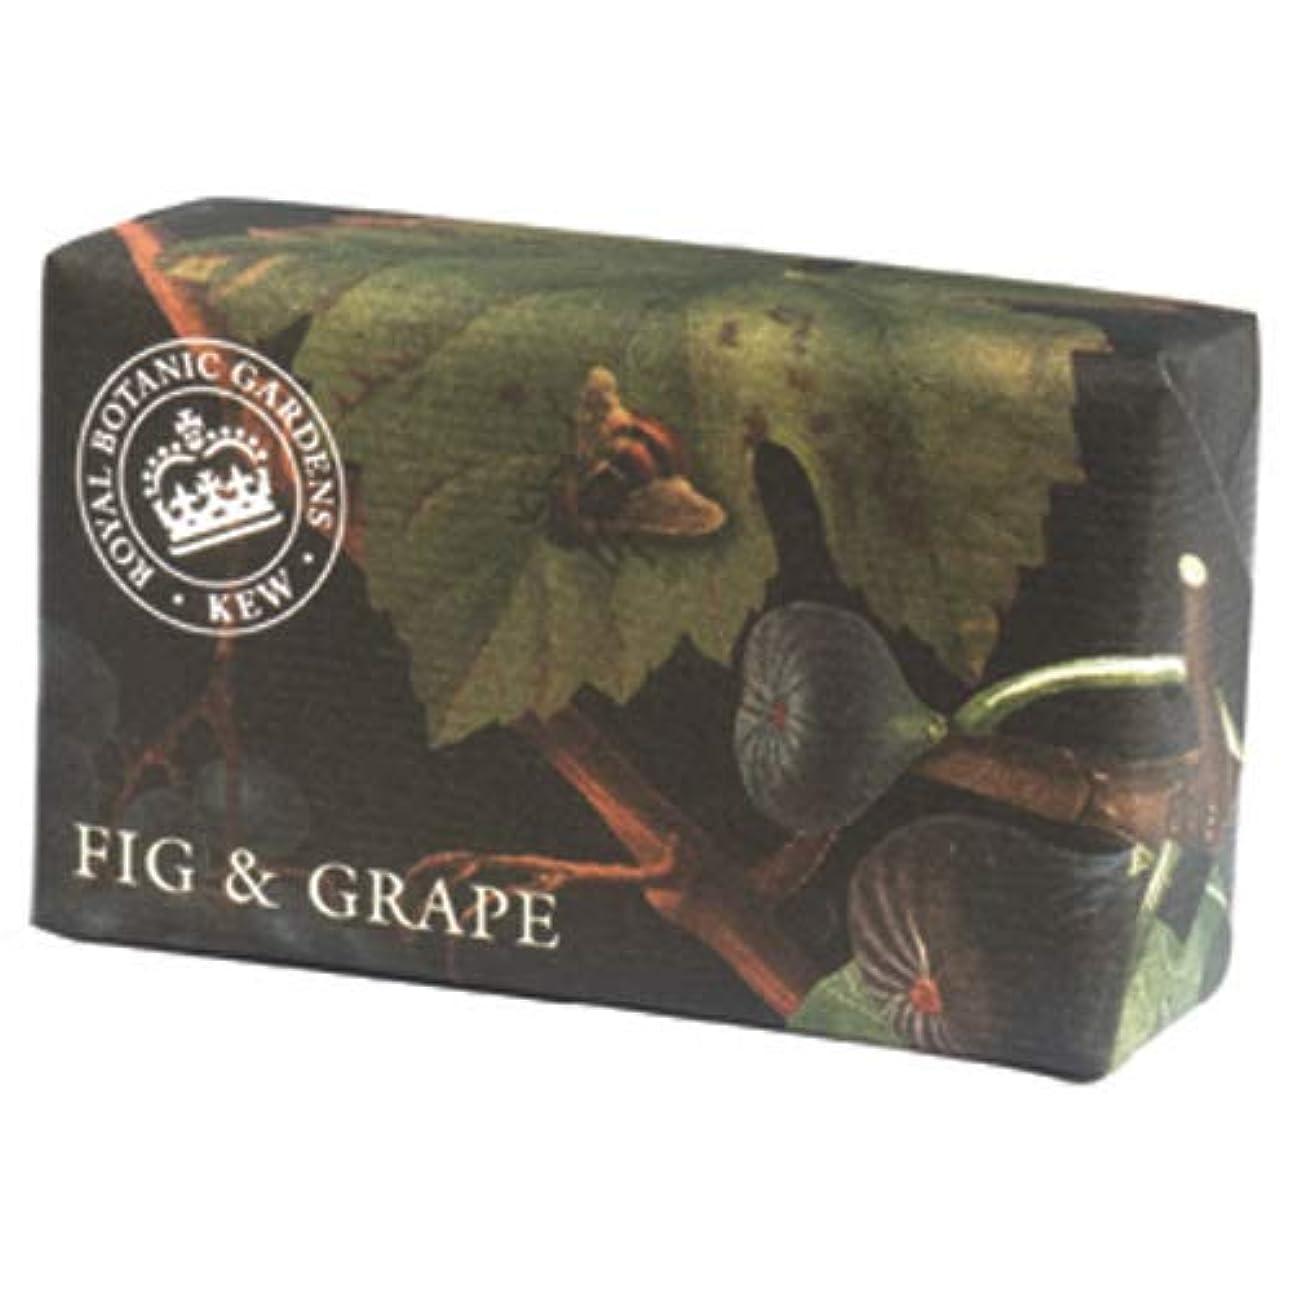 弾力性のあるリフレッシュ考案する三和トレーディング English Soap Company イングリッシュソープカンパニー KEW GARDEN キュー?ガーデン Luxury Shea Soaps シアソープ Fig & Grape フィグ&グレープ